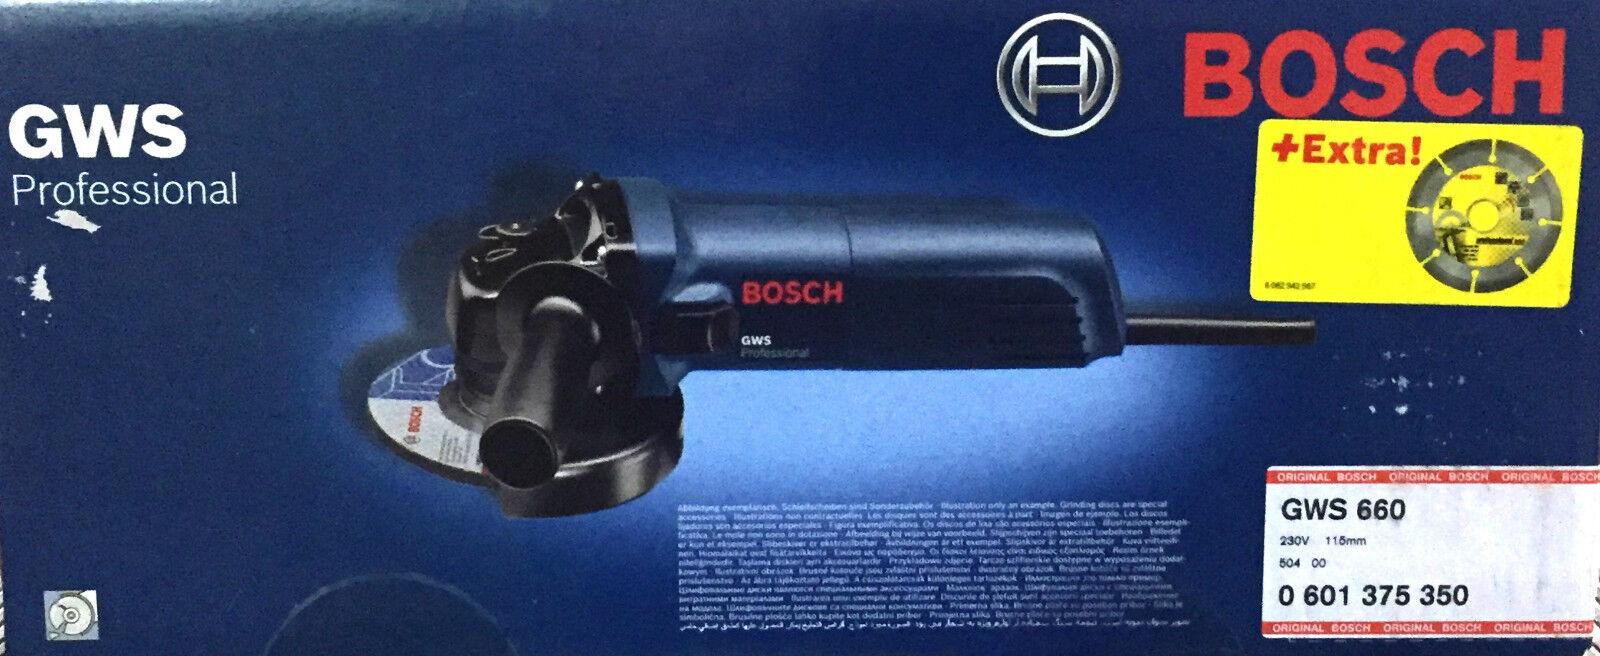 Bosch GWS 660 minismerigliatrice smerigliatrice frullino taglio ferro pietra fle